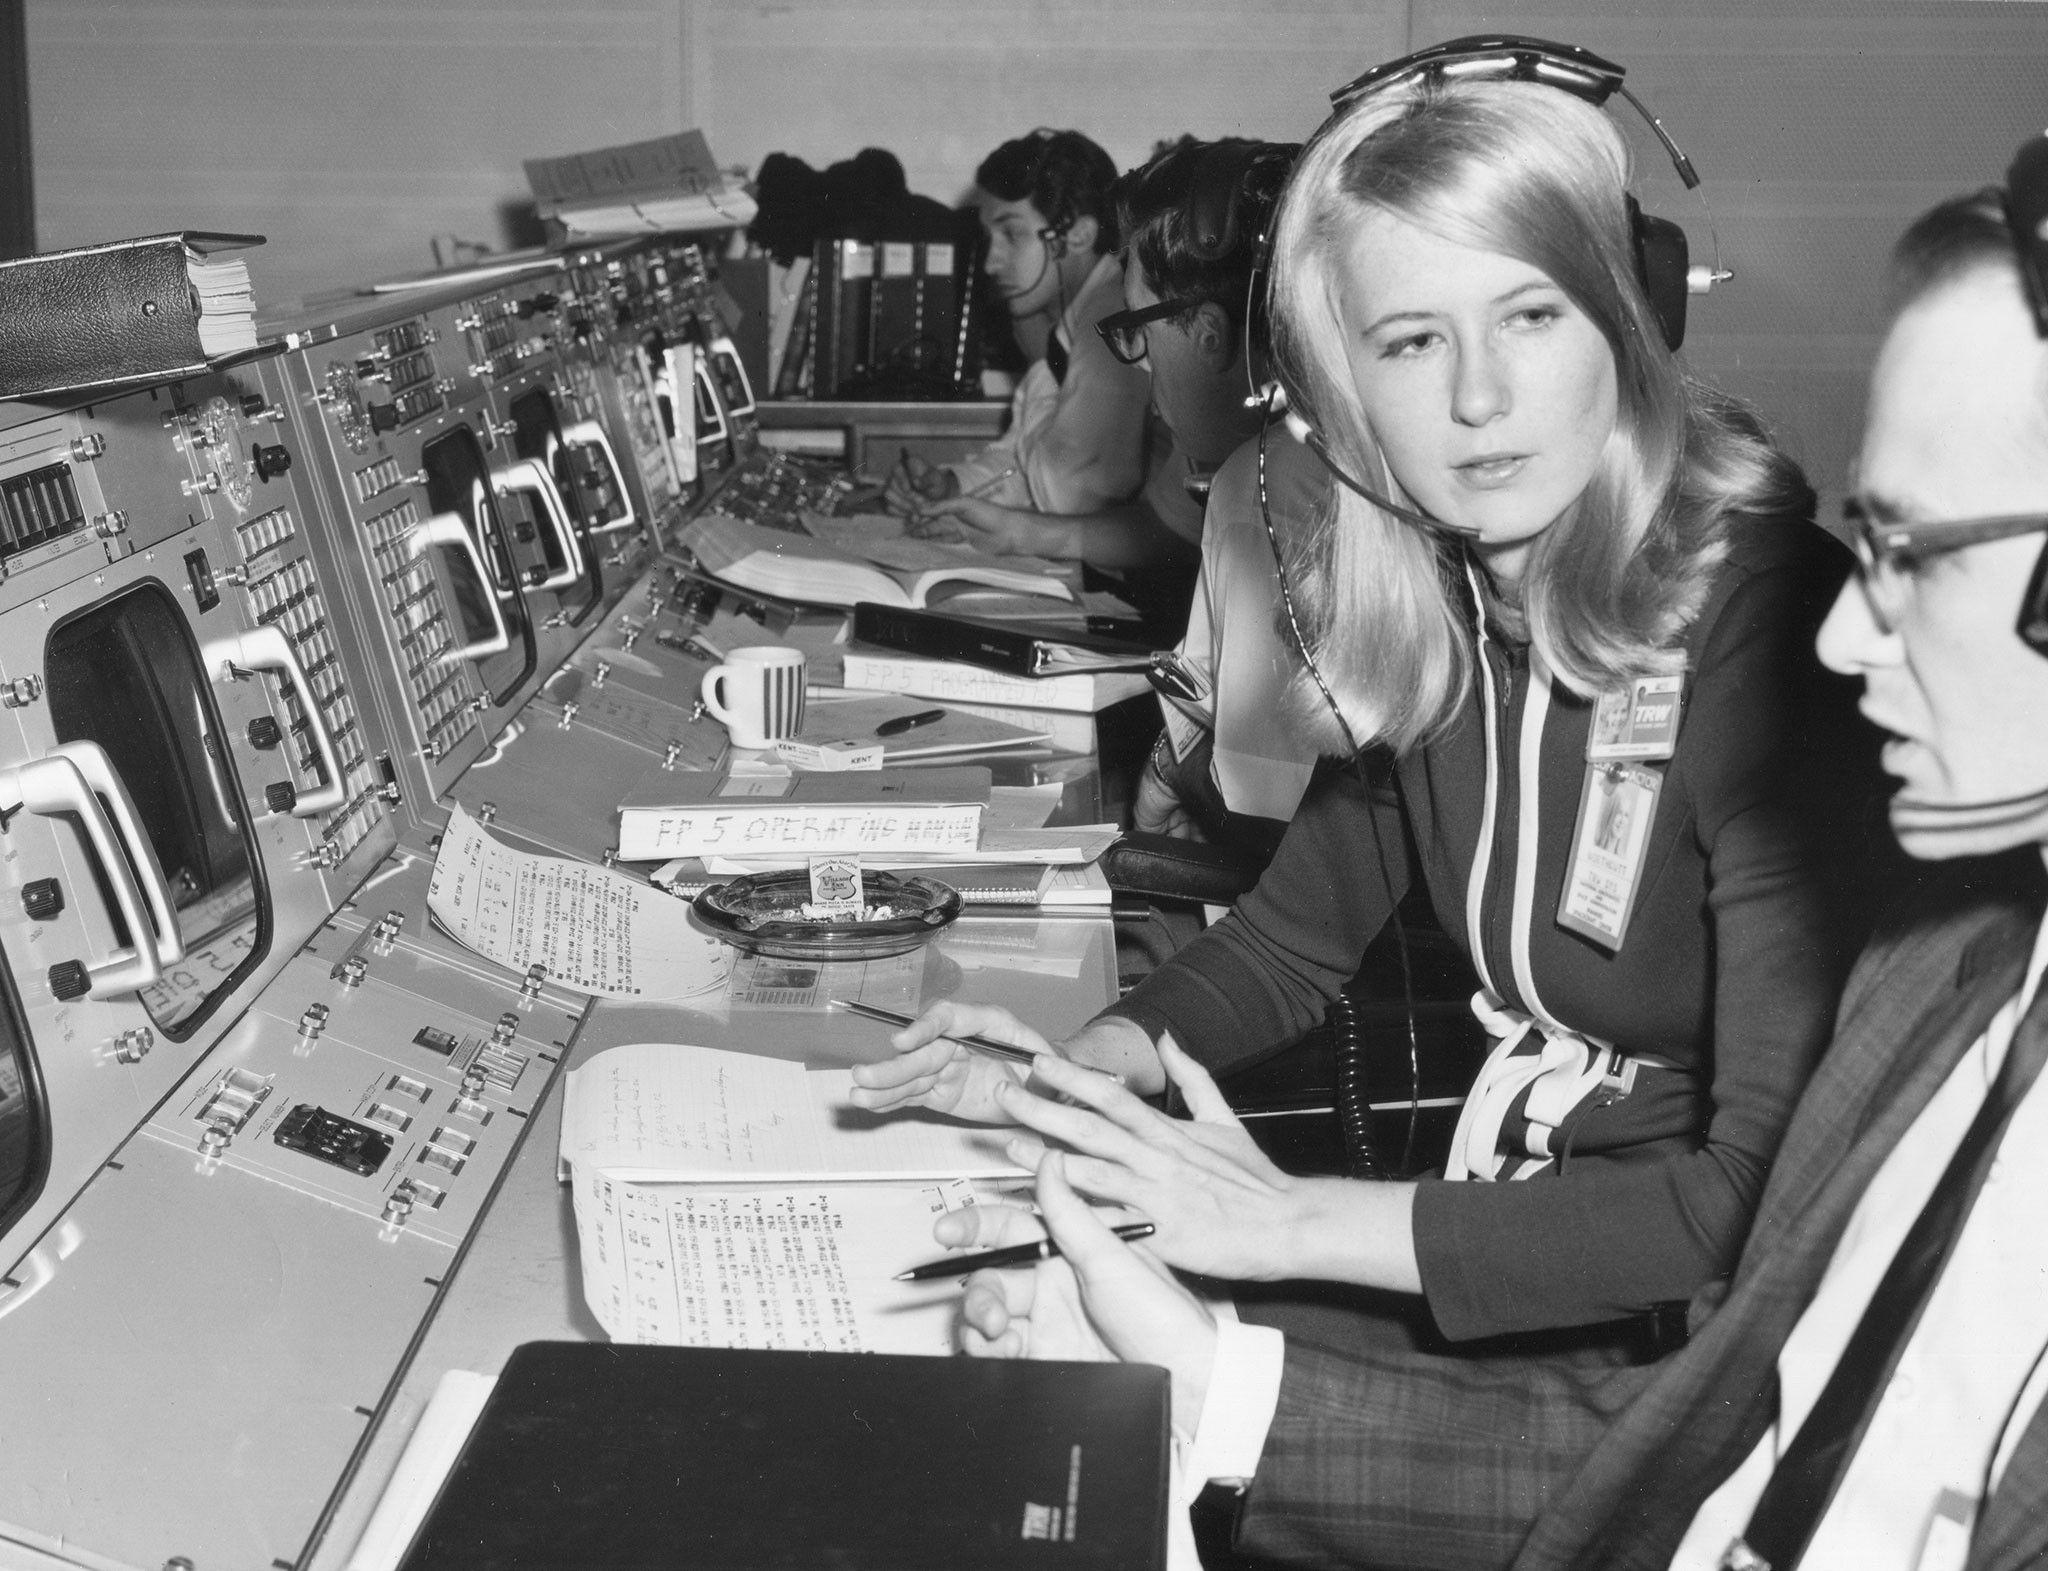 Frances Northcutt, la femme qui a contribué à envoyer l'Homme sur la Lune | National Geographic